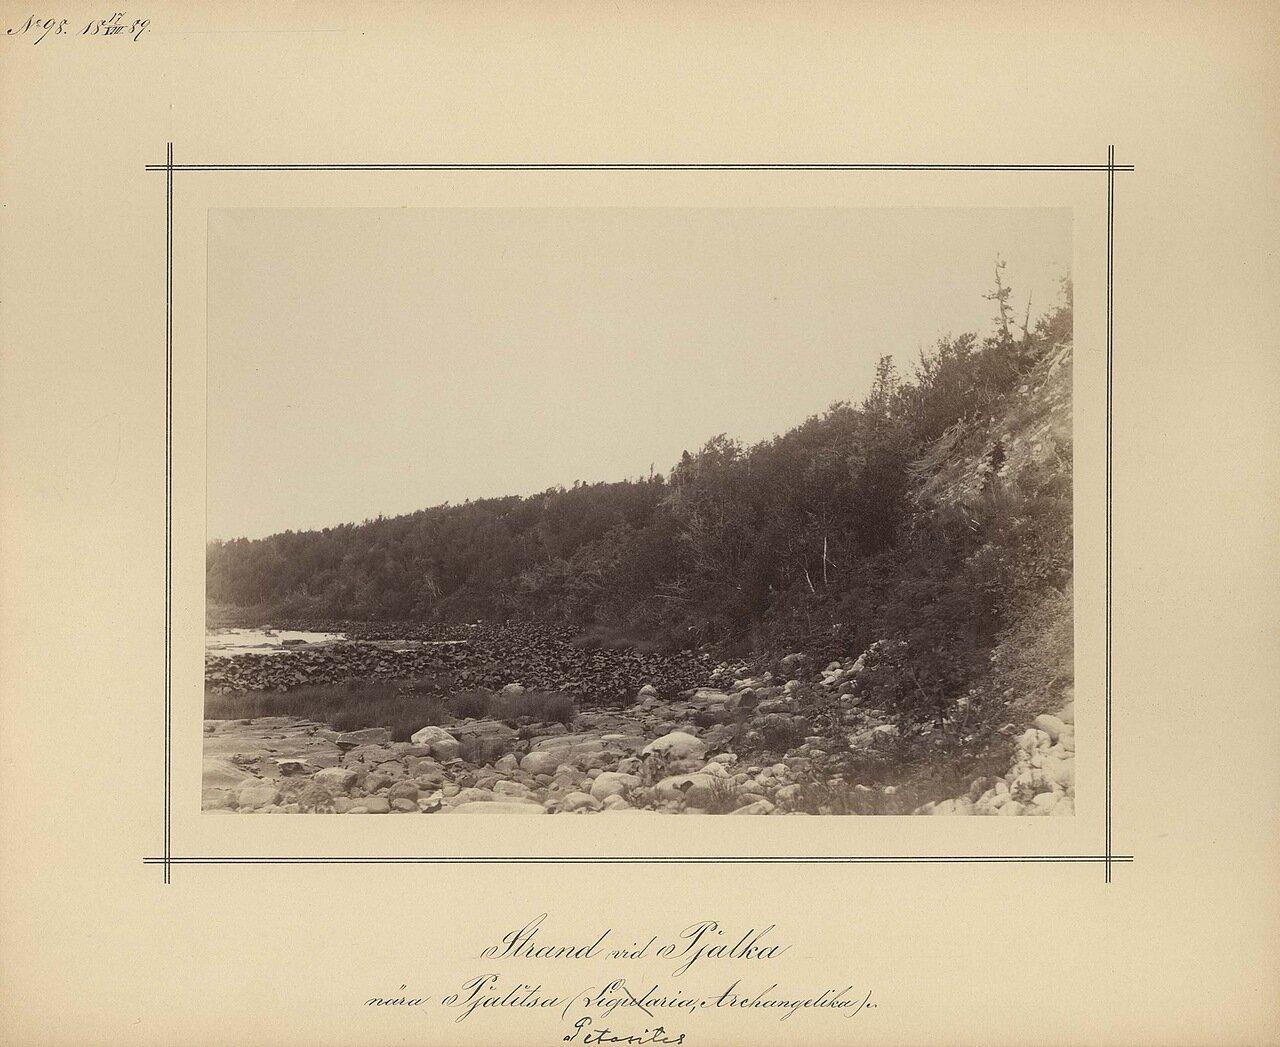 17.8.1889.Вид реки Pjalka, возле деревни Pjalitsan.